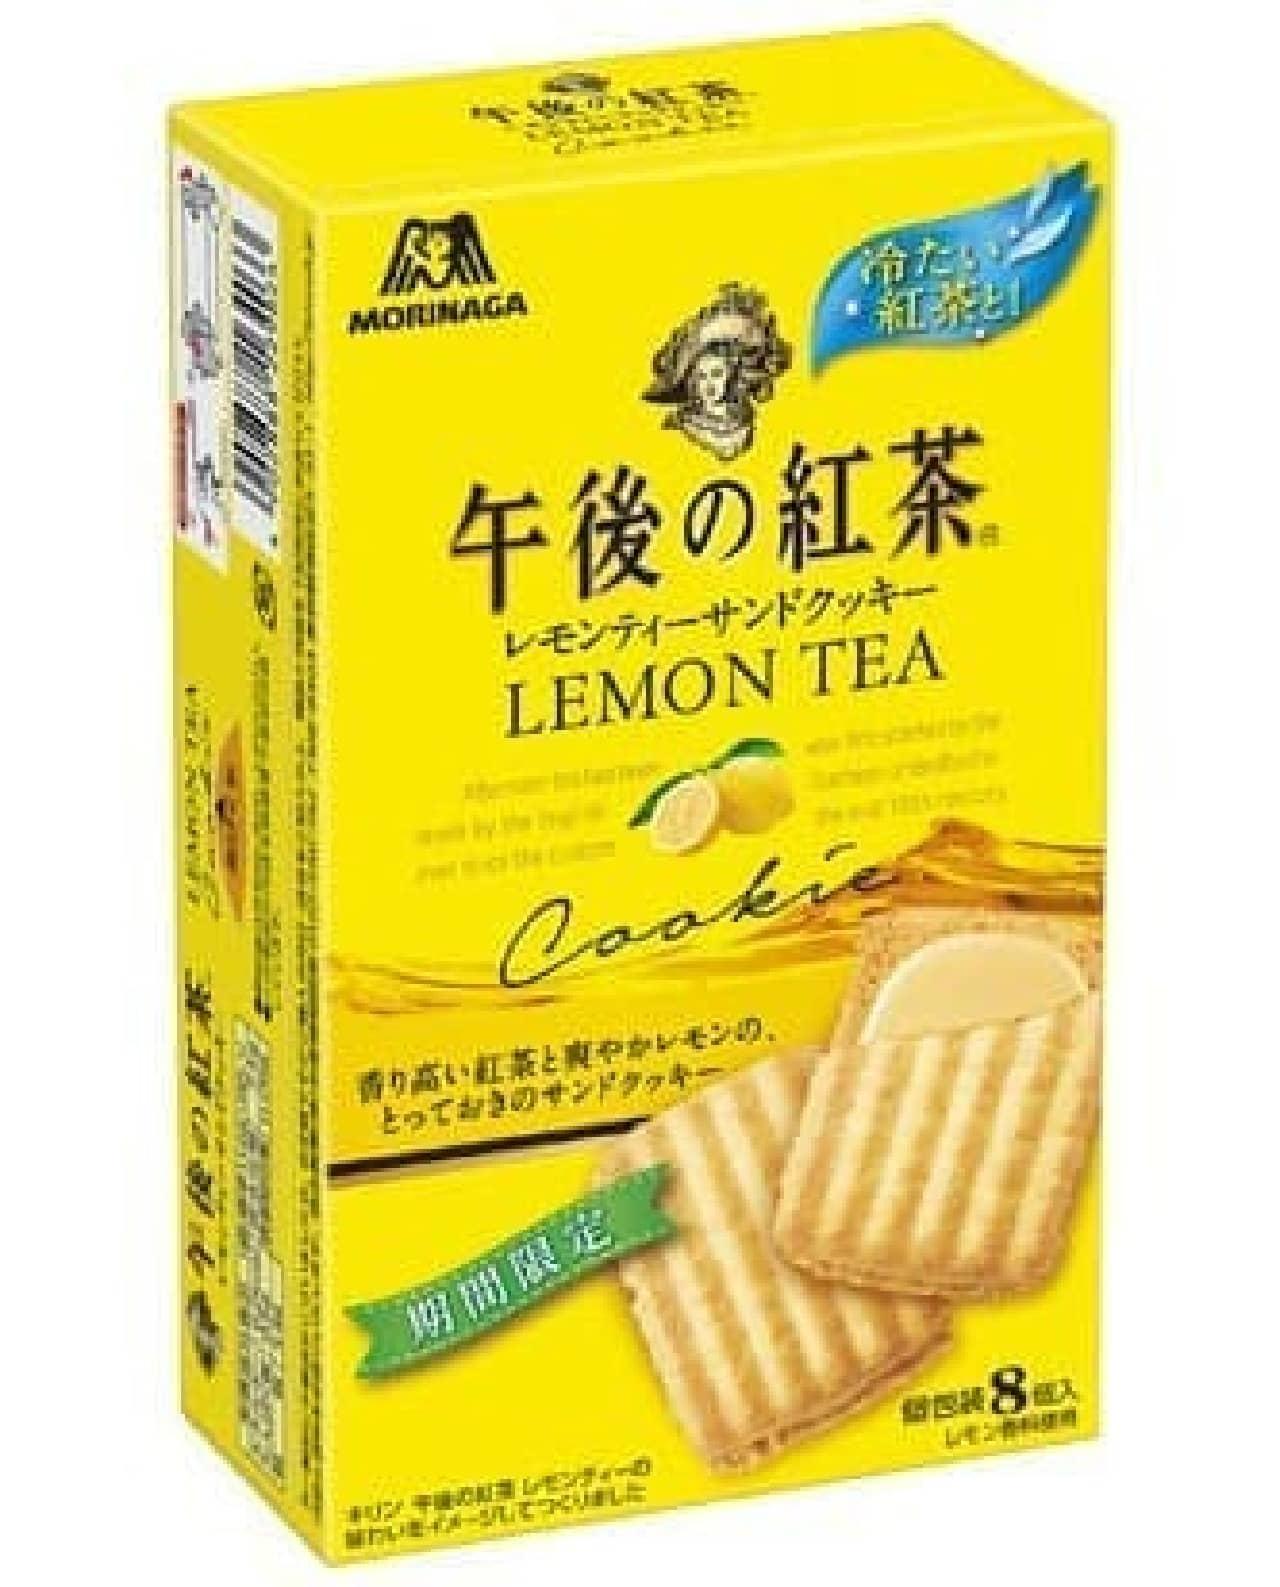 森永製菓「午後の紅茶<レモンティーサンドクッキー>」